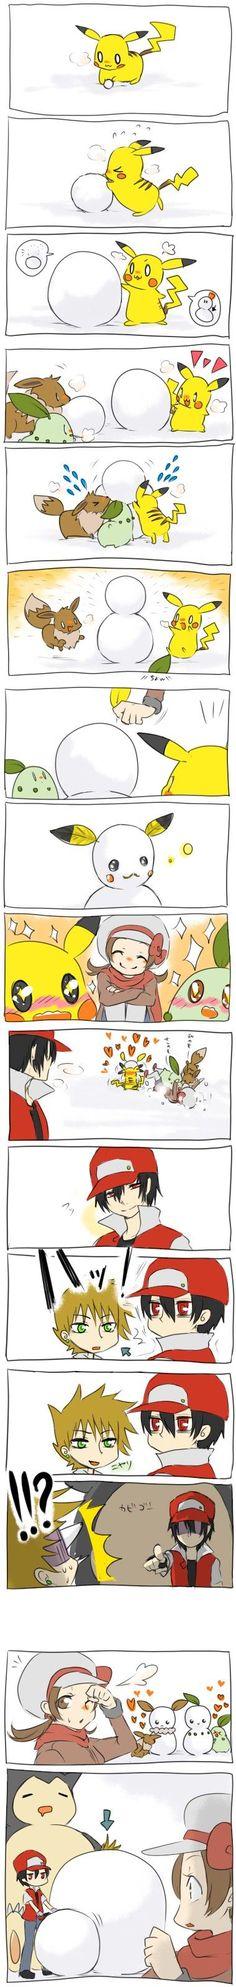 Pikachu, Eevee, Chikorita, Lyra/Kotone (Pokémon), Red (Pokémon), Green (Pokémon), Snorlax: